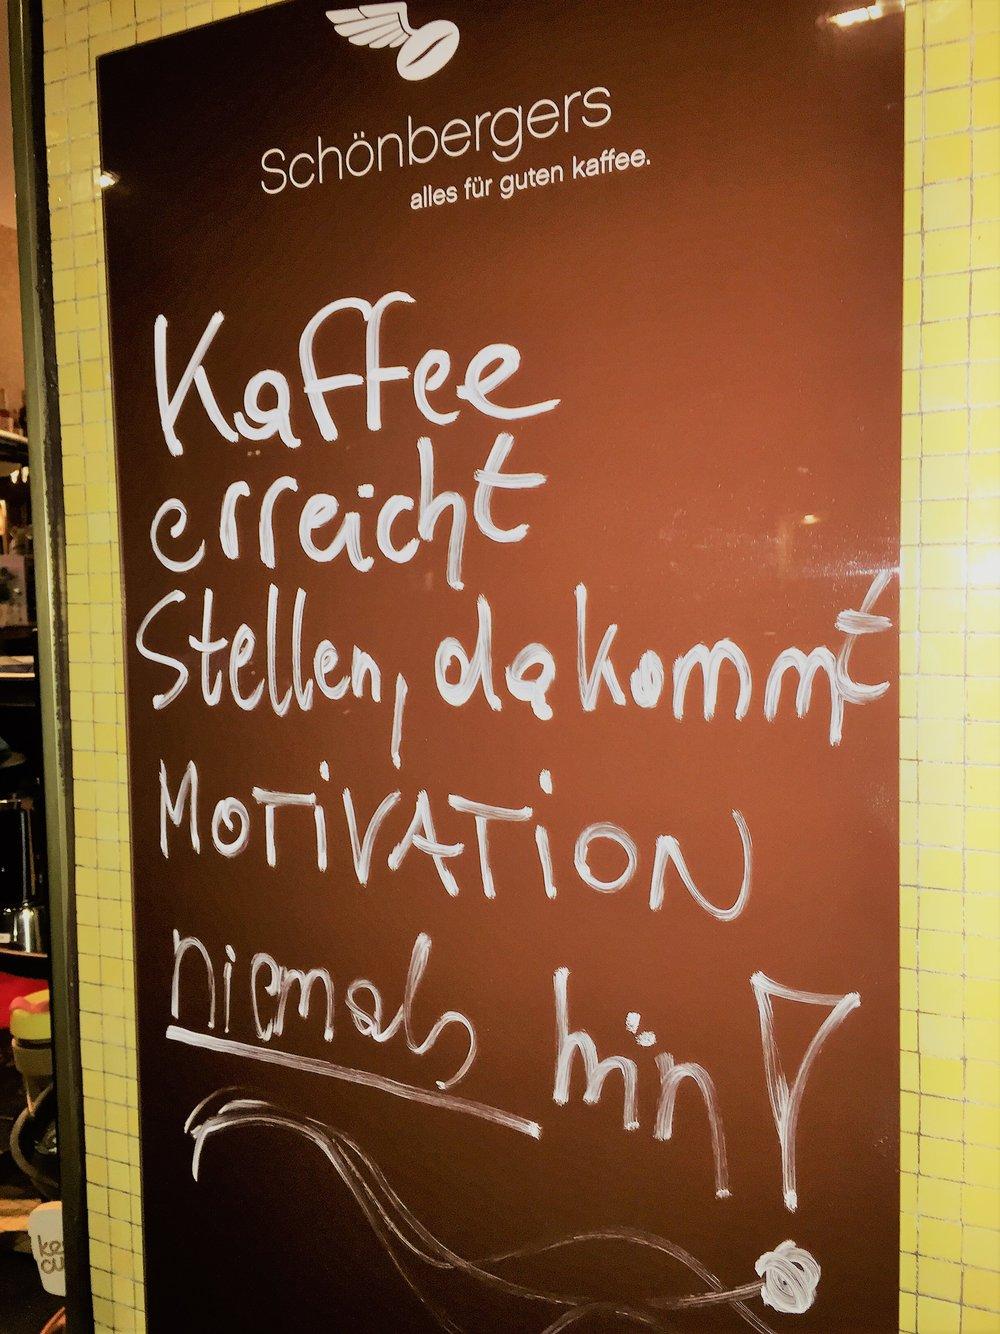 Kaffee erreicht stellen, da kommt Motivation niemals hin_Schönbergers.JPG